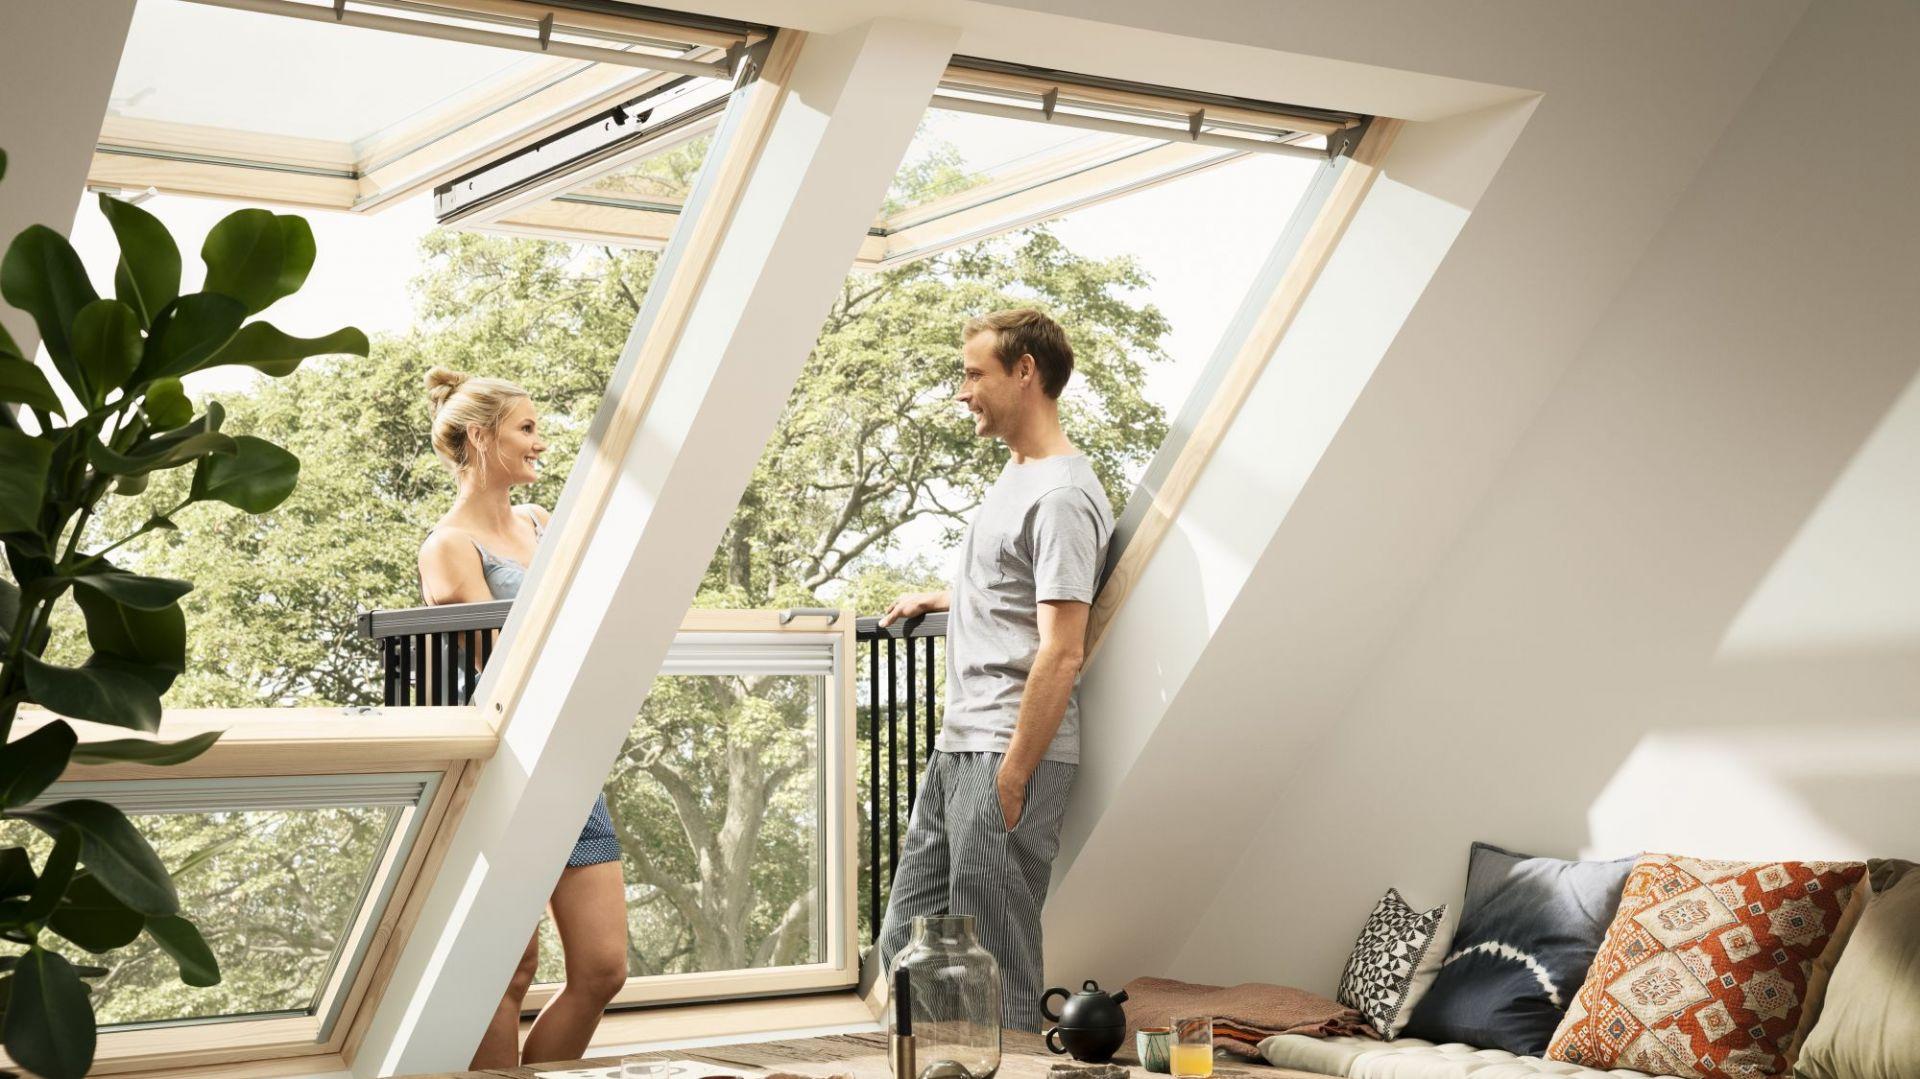 Okna balkonowe to doskonała propozycja dla właścicieli dużych sypialni lub salonów usytuowanych na poddaszu. Fot. Velux